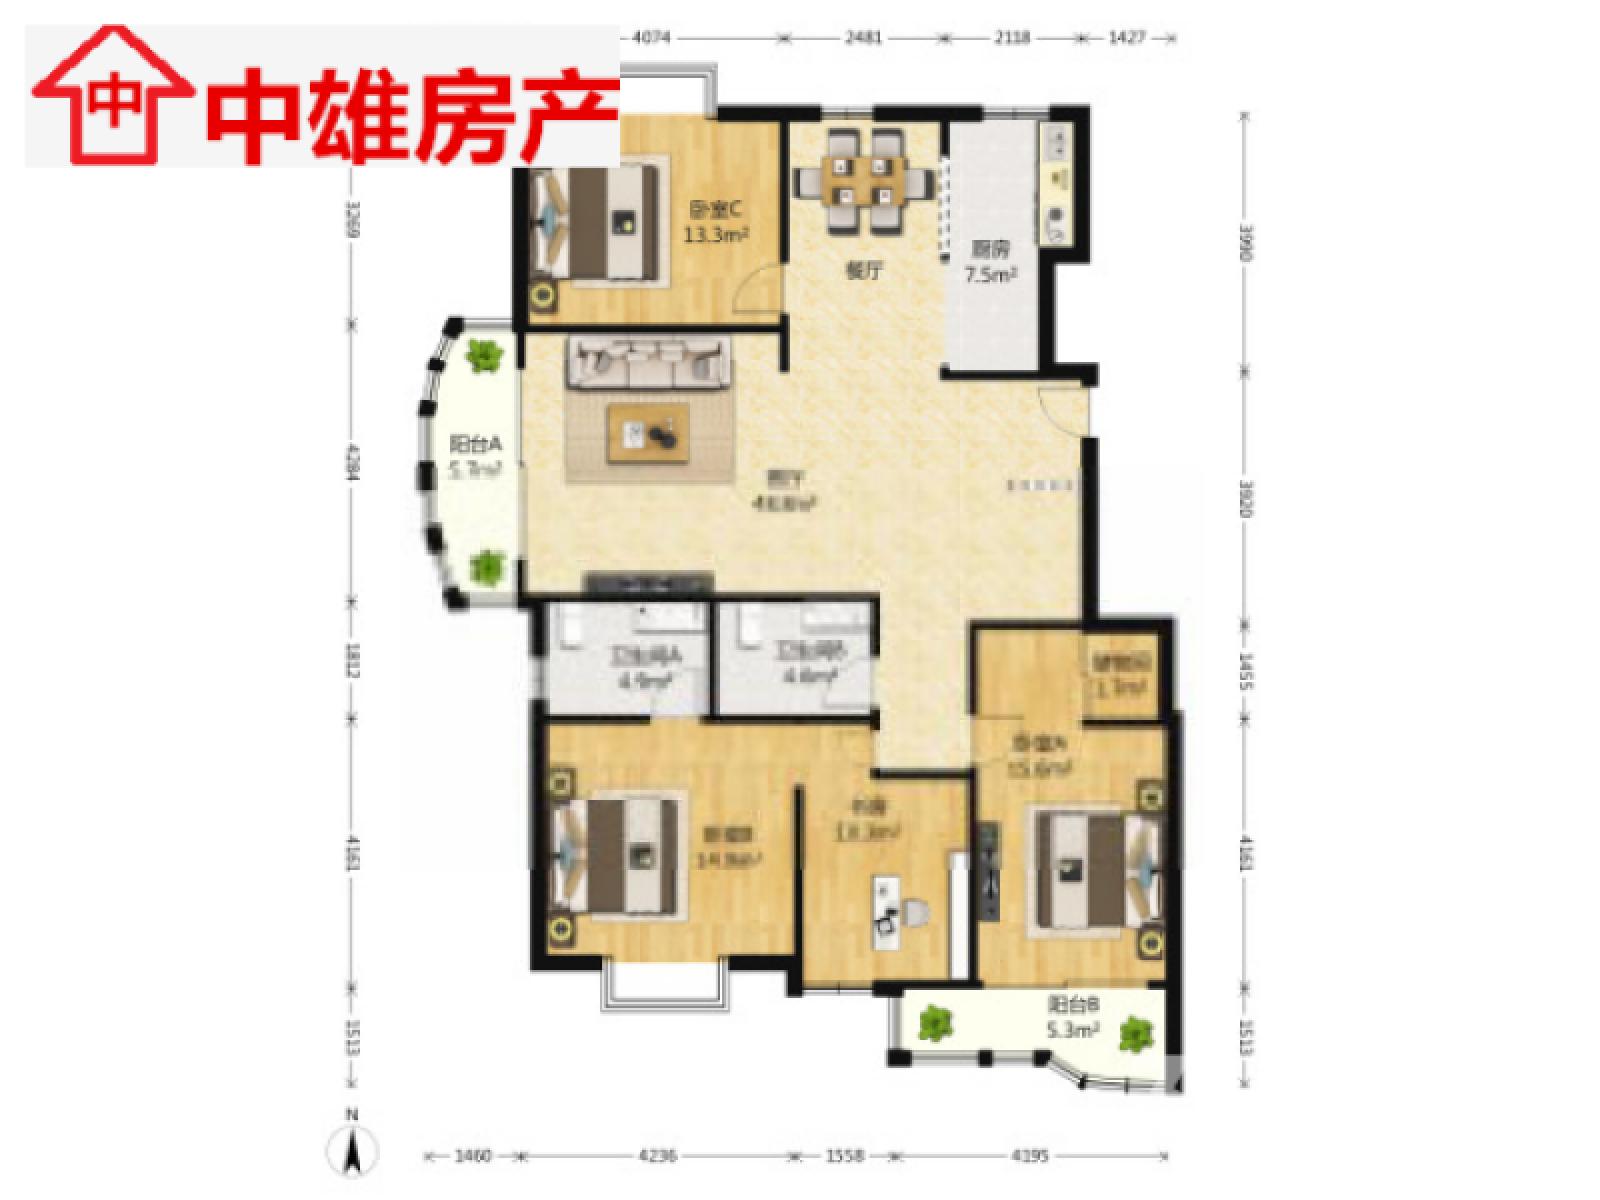 建邺区兴隆宏图上水云锦3室2厅户型图